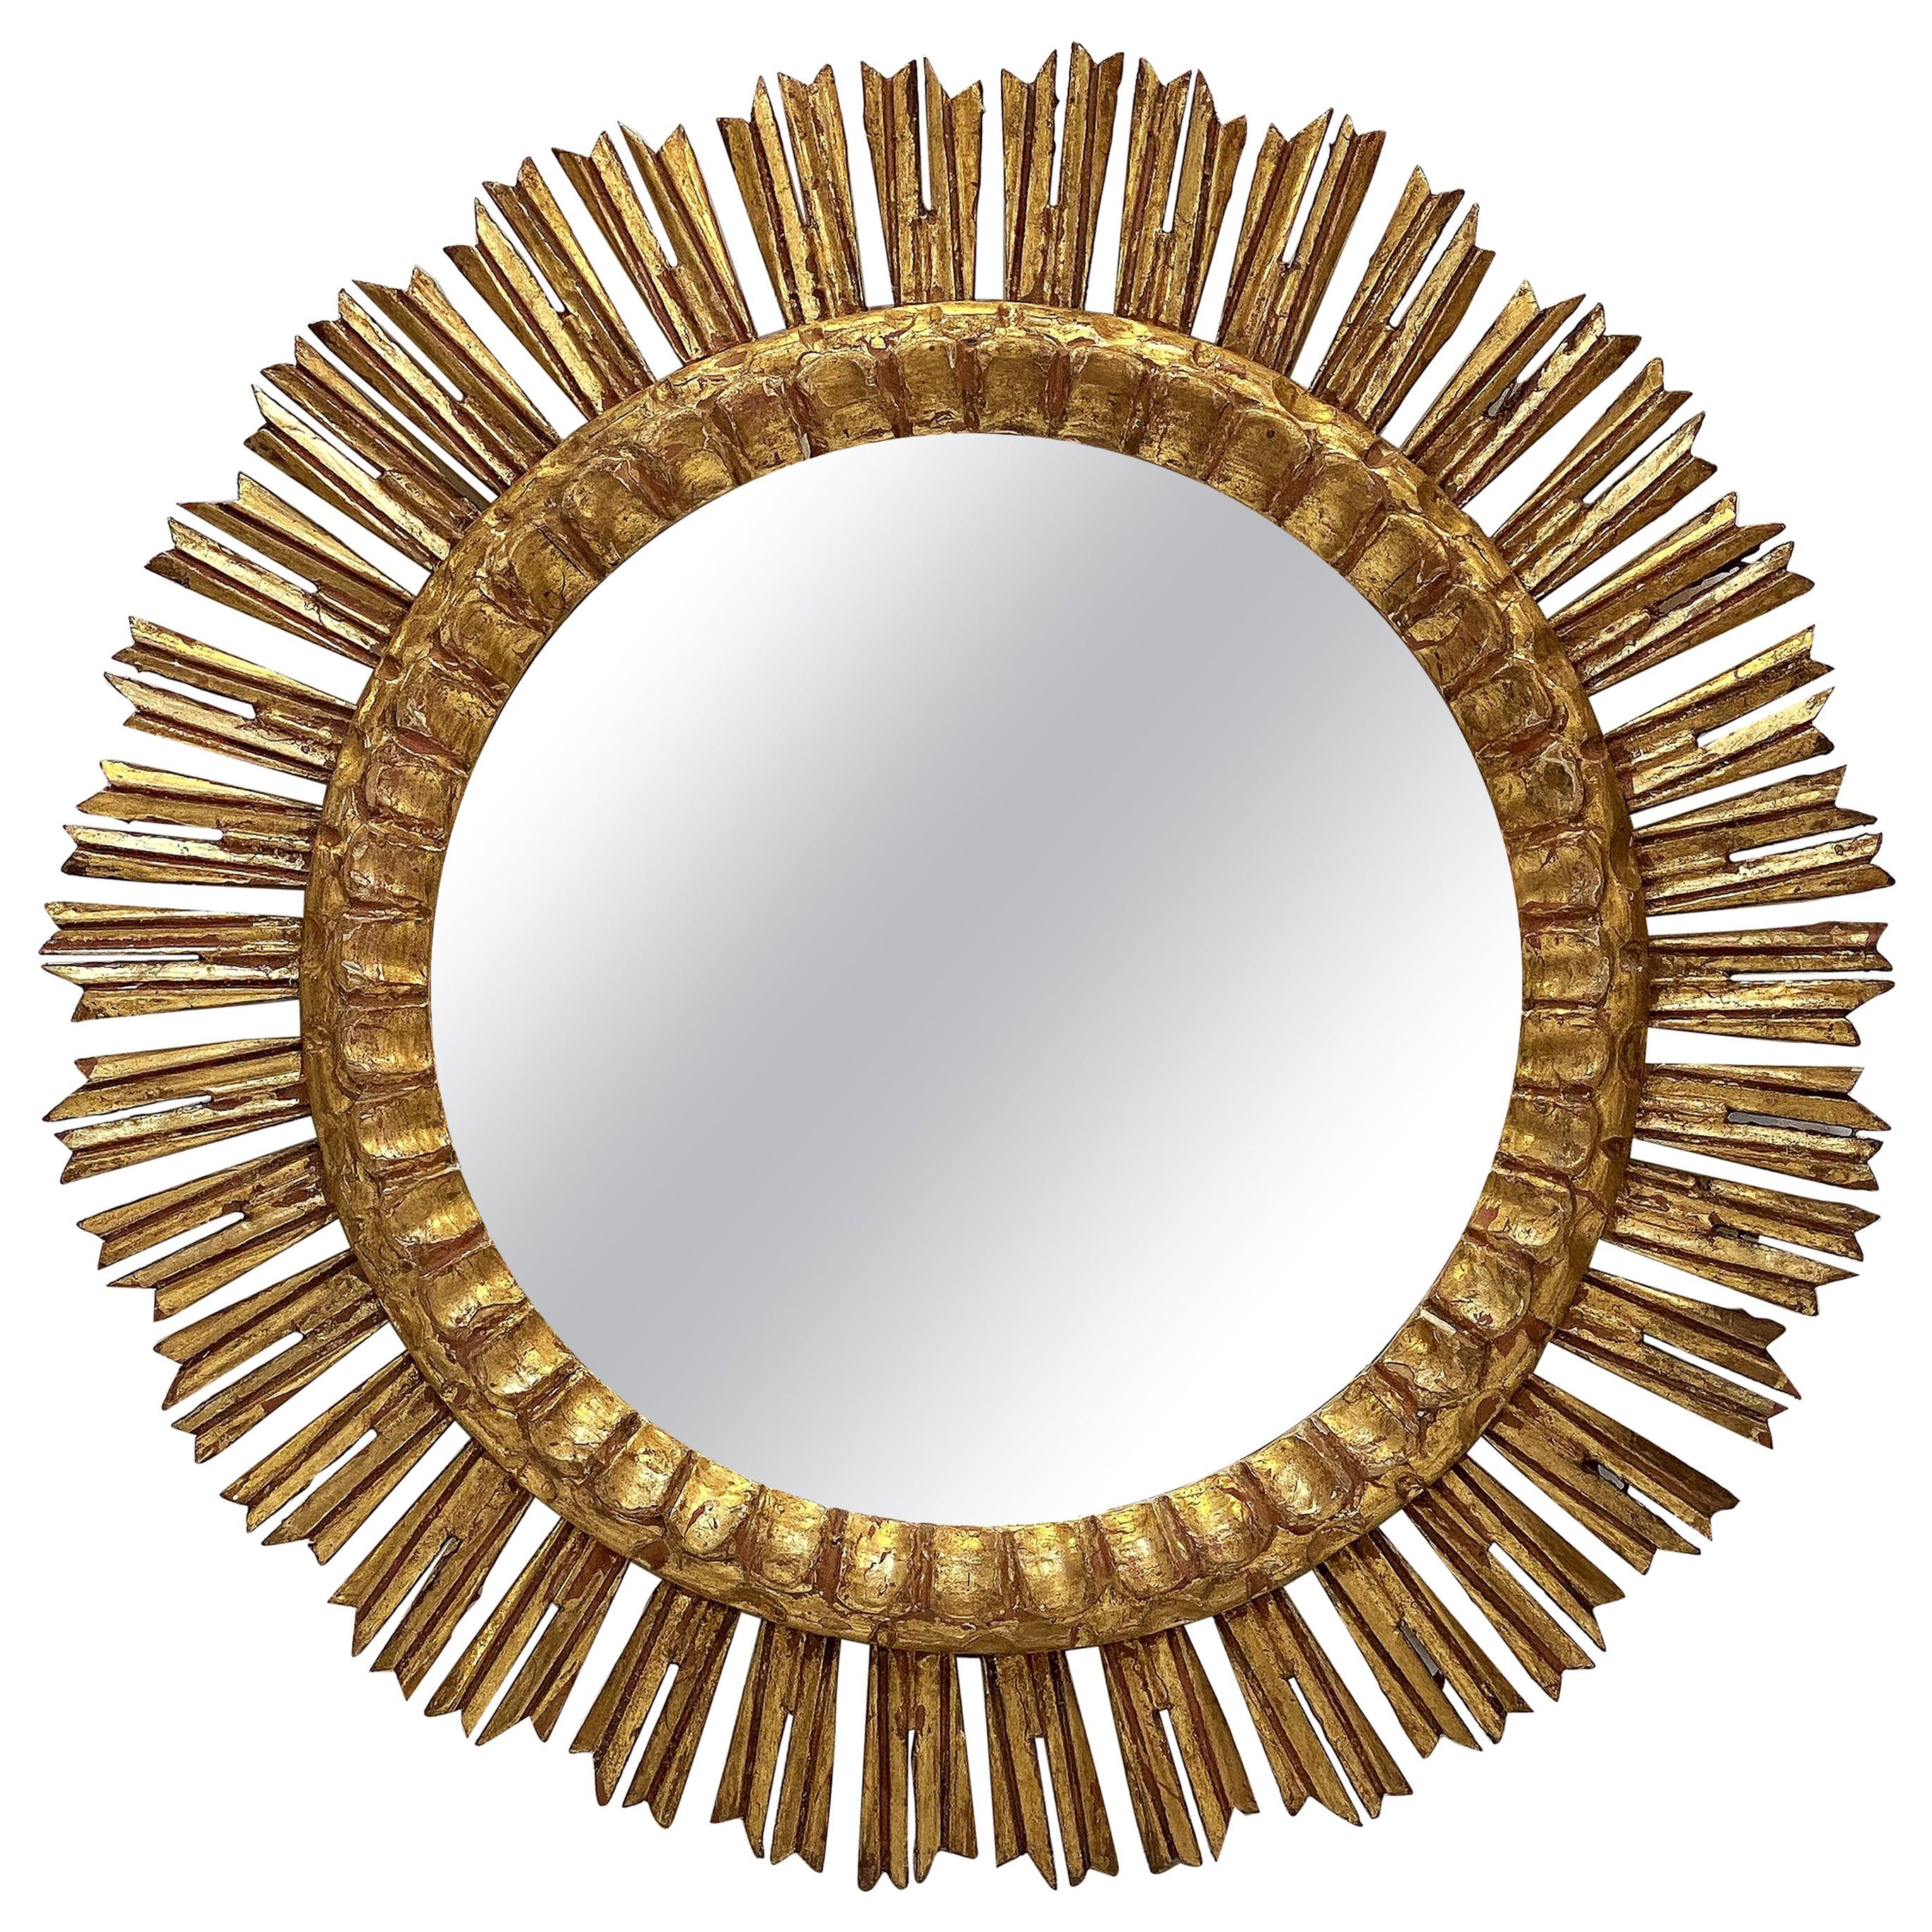 Large French Gilt Starburst or Sunburst Mirror (Diameter 24 1/4)